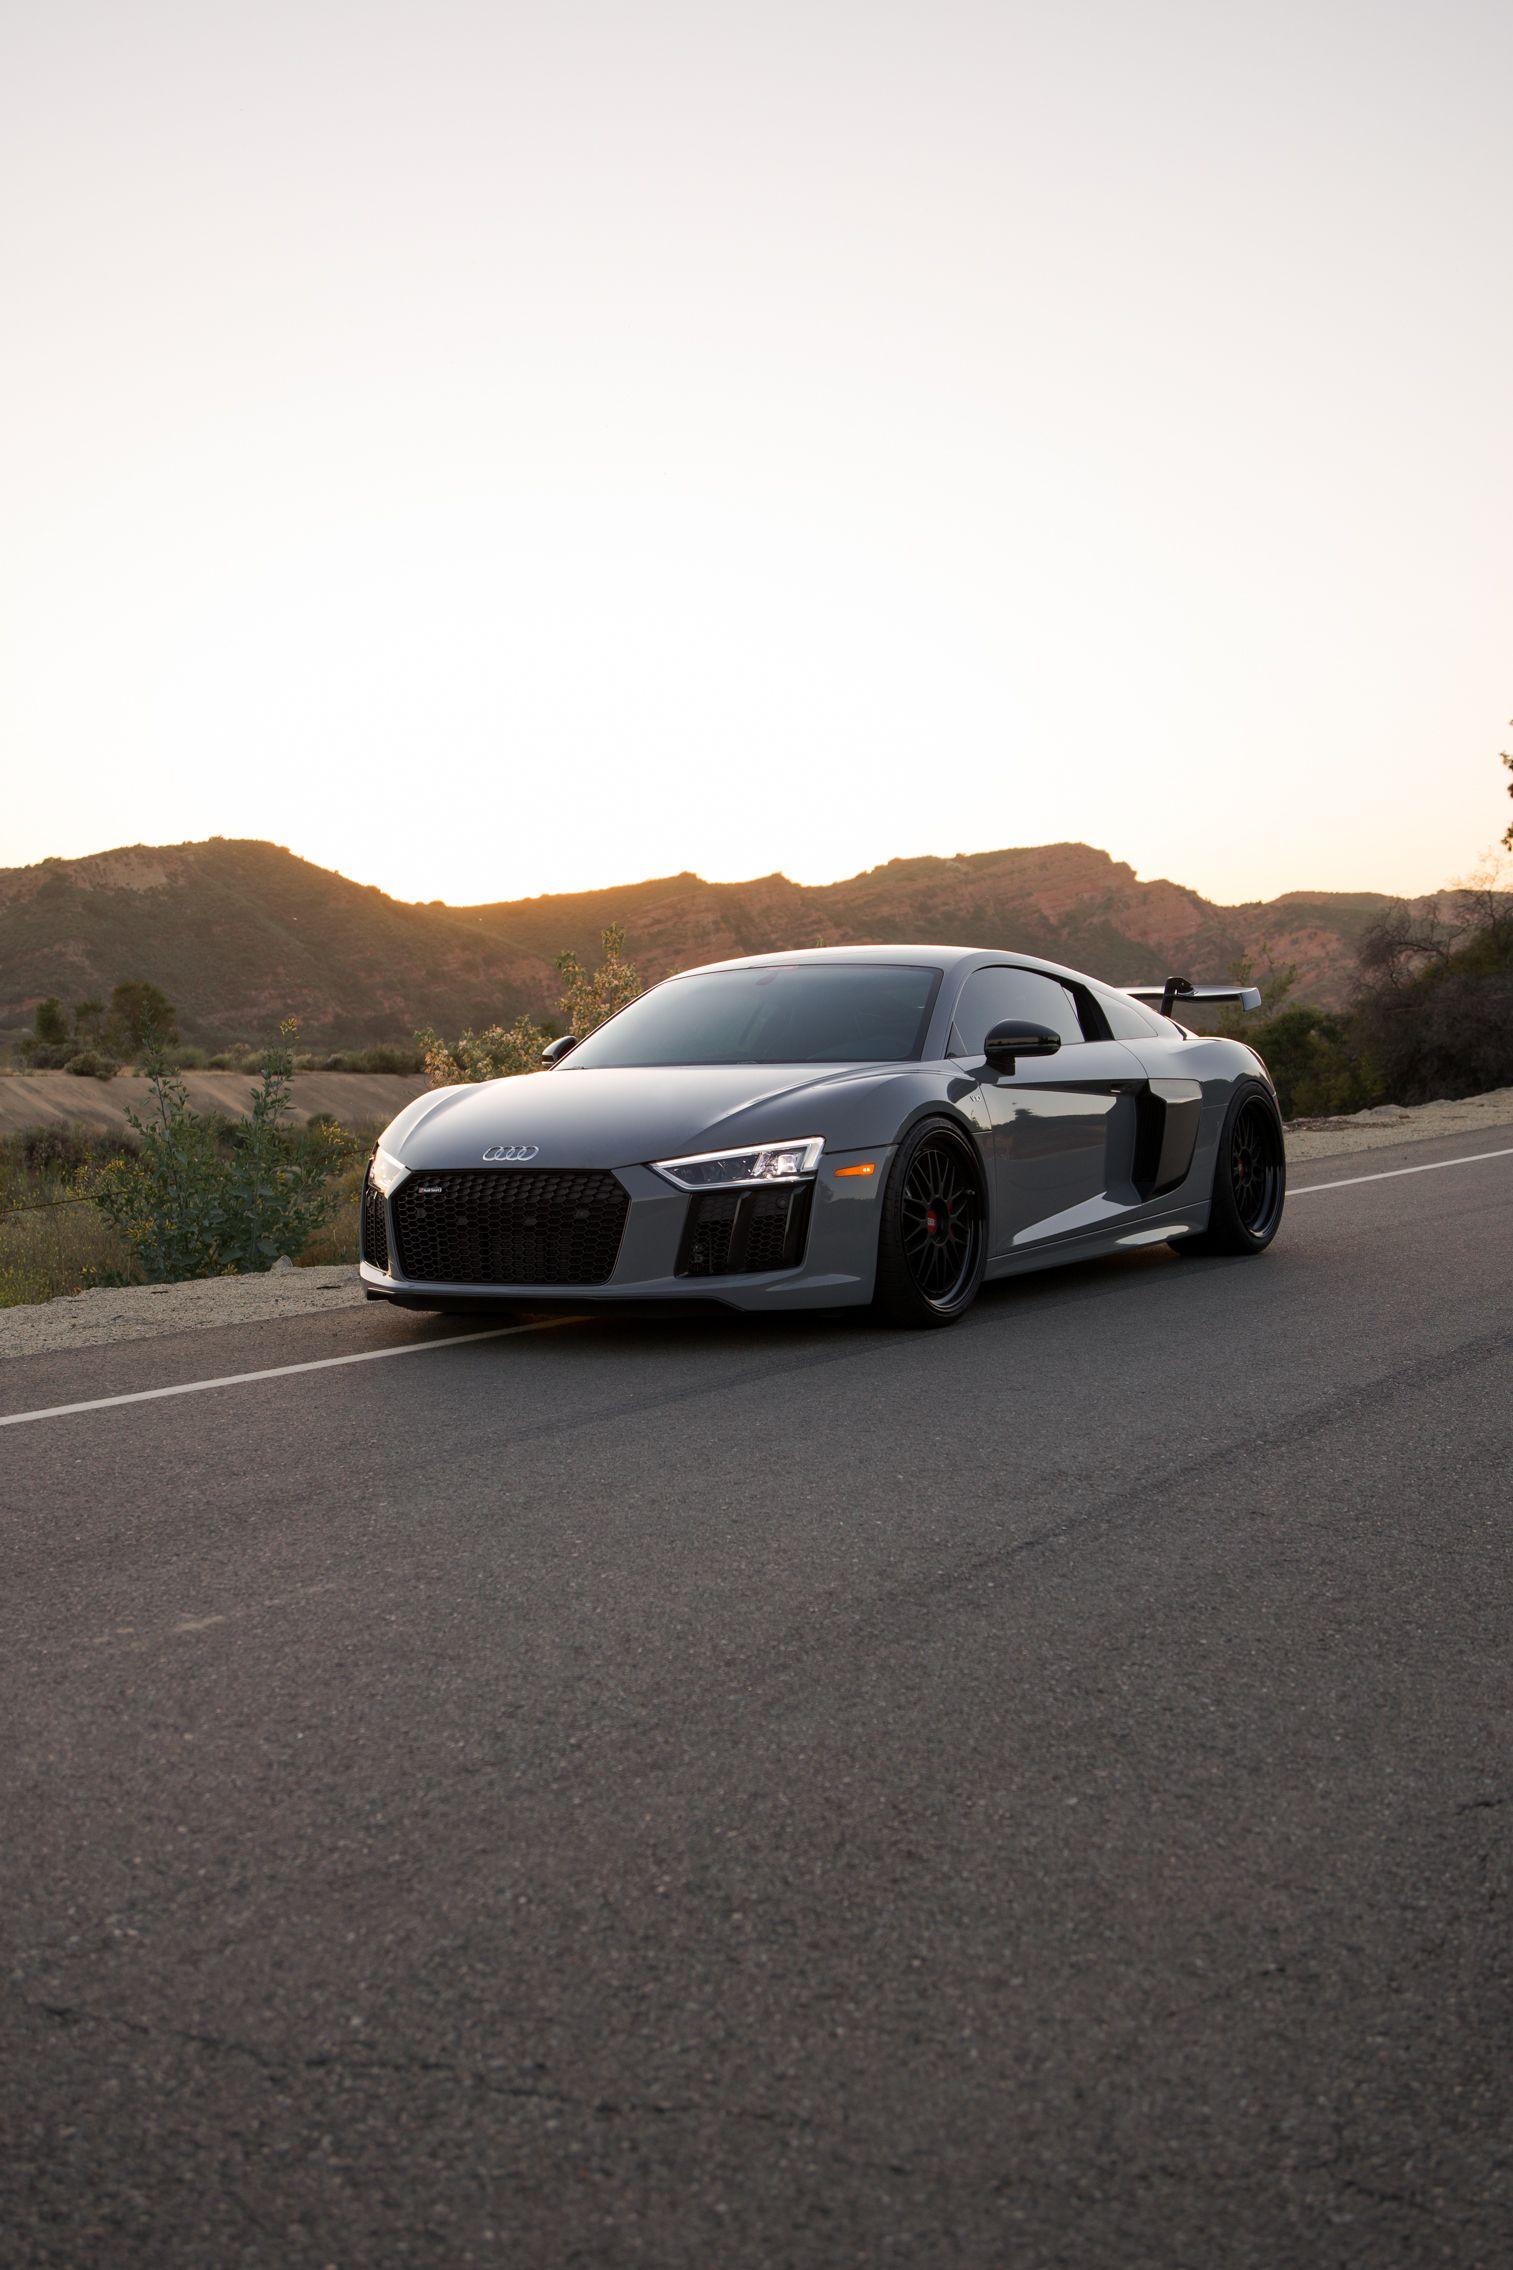 Audi R8 V10 Rws Twin Turbo Audi R8 Wallpaper Audi R8 Sport Audi